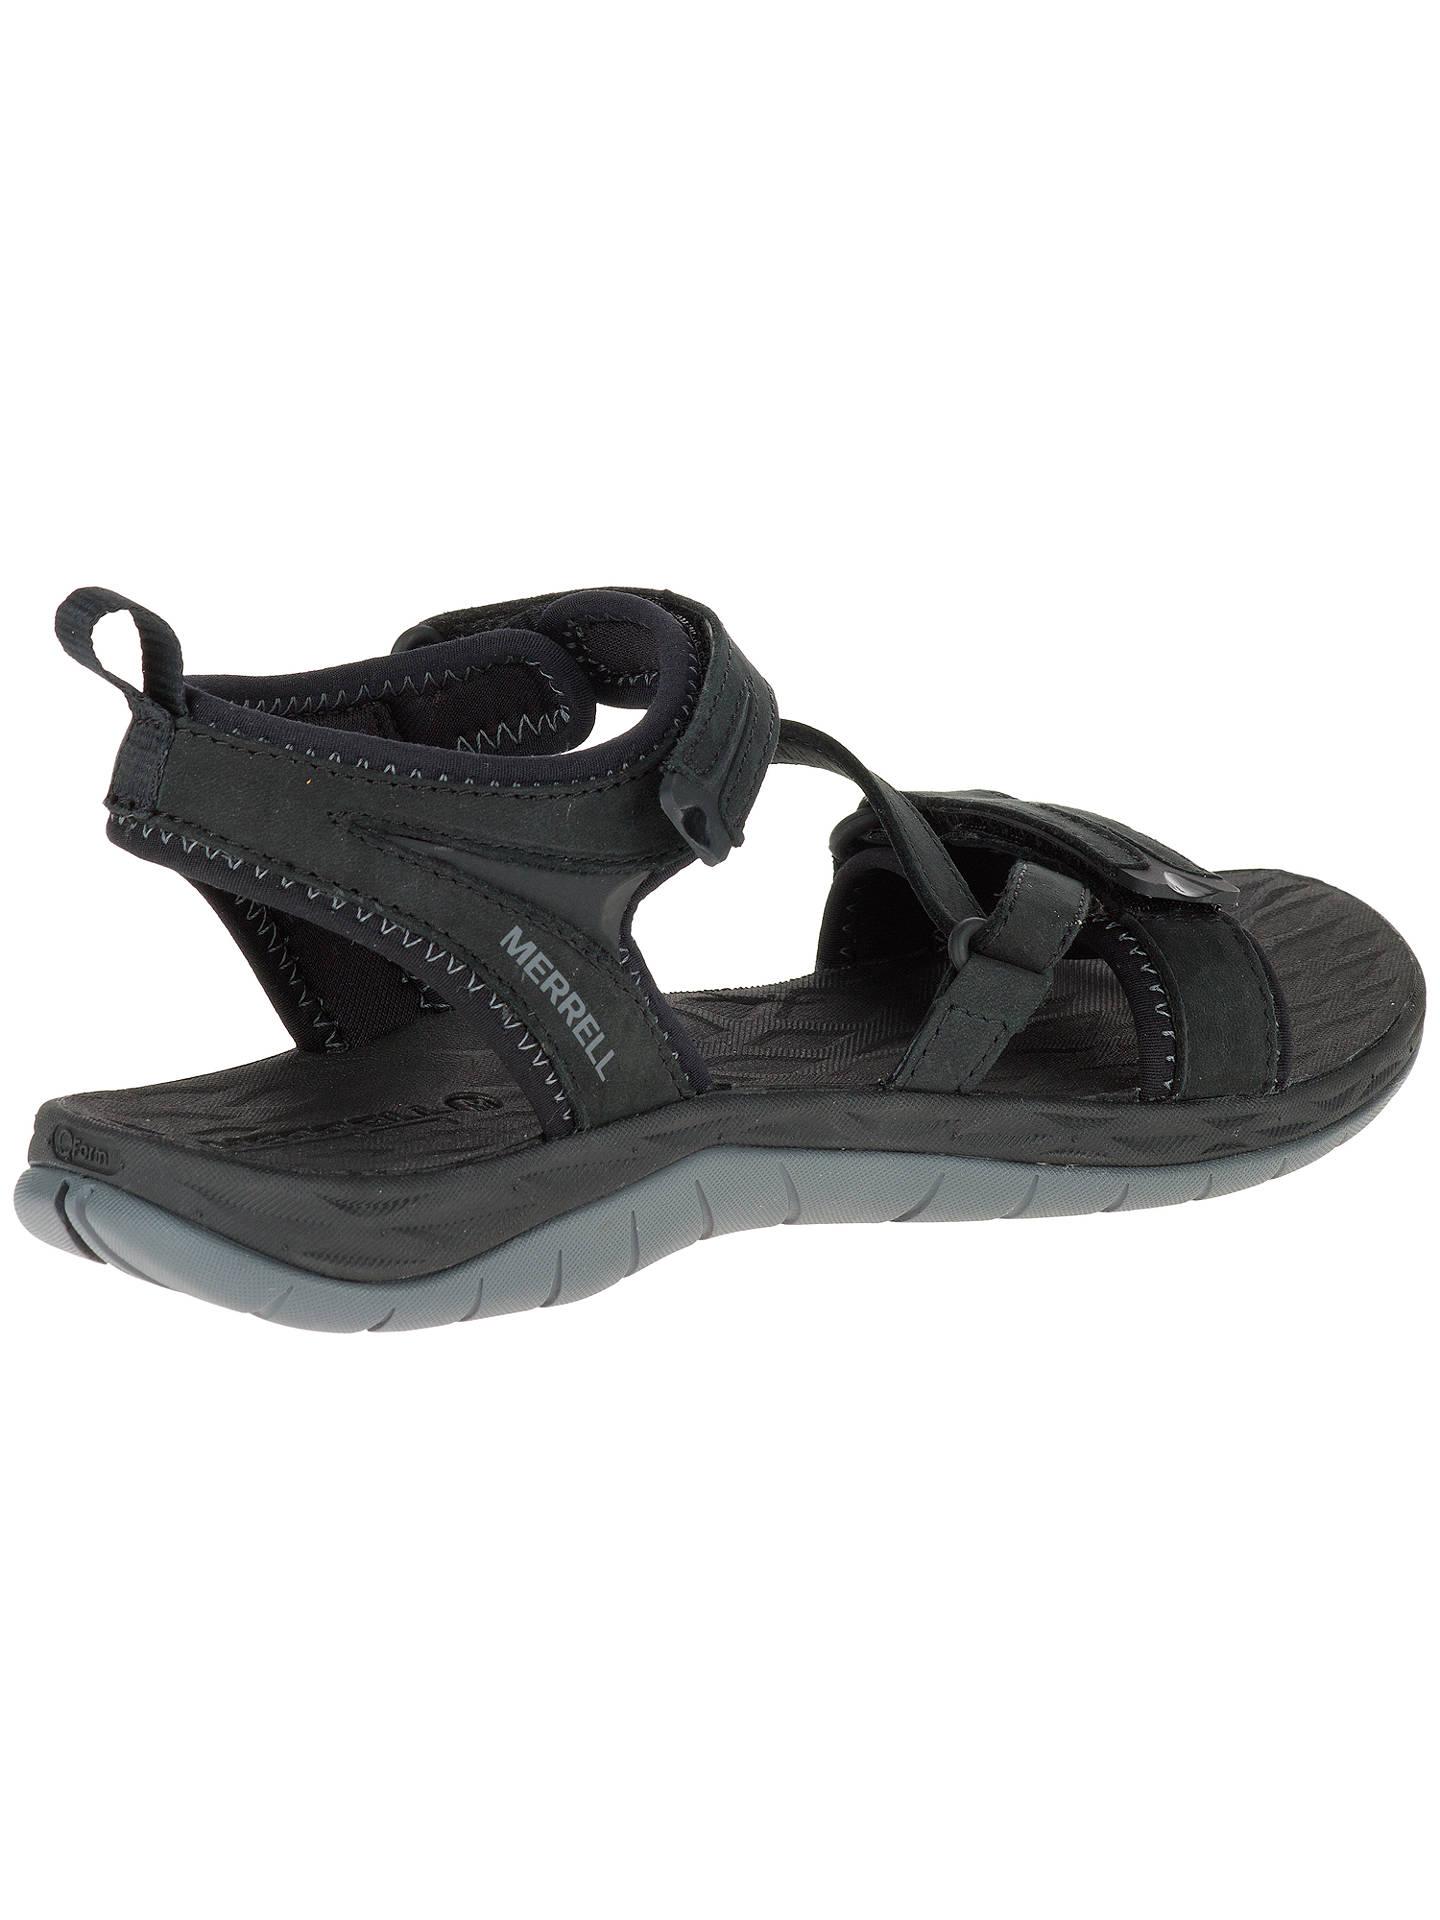 eebeec227a68 ... Buy Merrell Siren Strap Q2 Waterproof Women s Walking Shoes